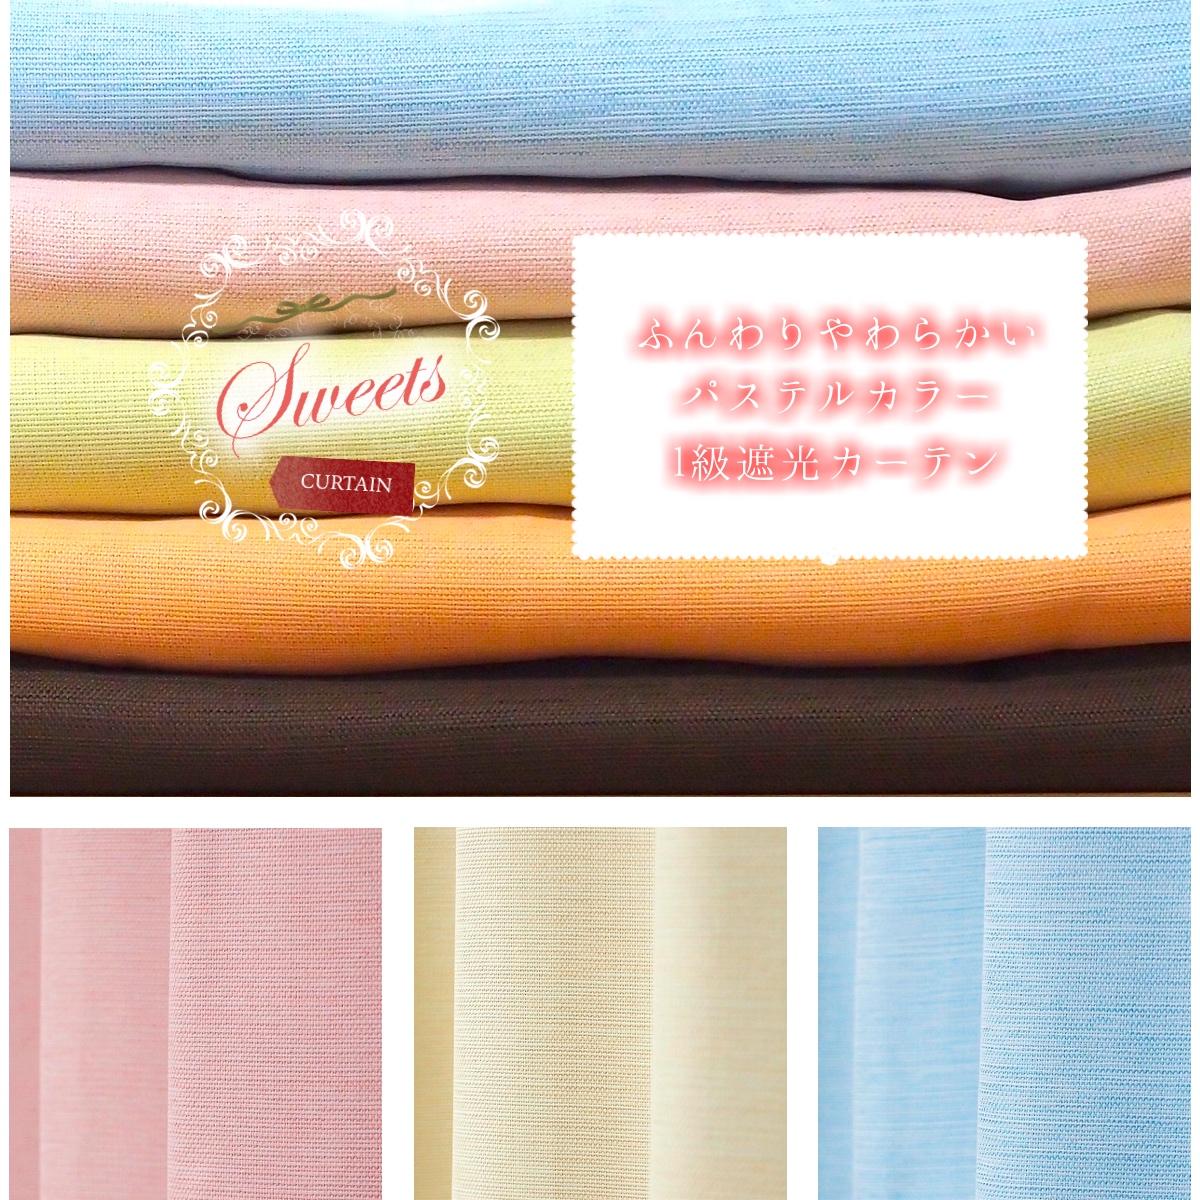 ふんわり柔らかパステルカラー。鮮やかな1級遮光カーテン【スイーツ】。